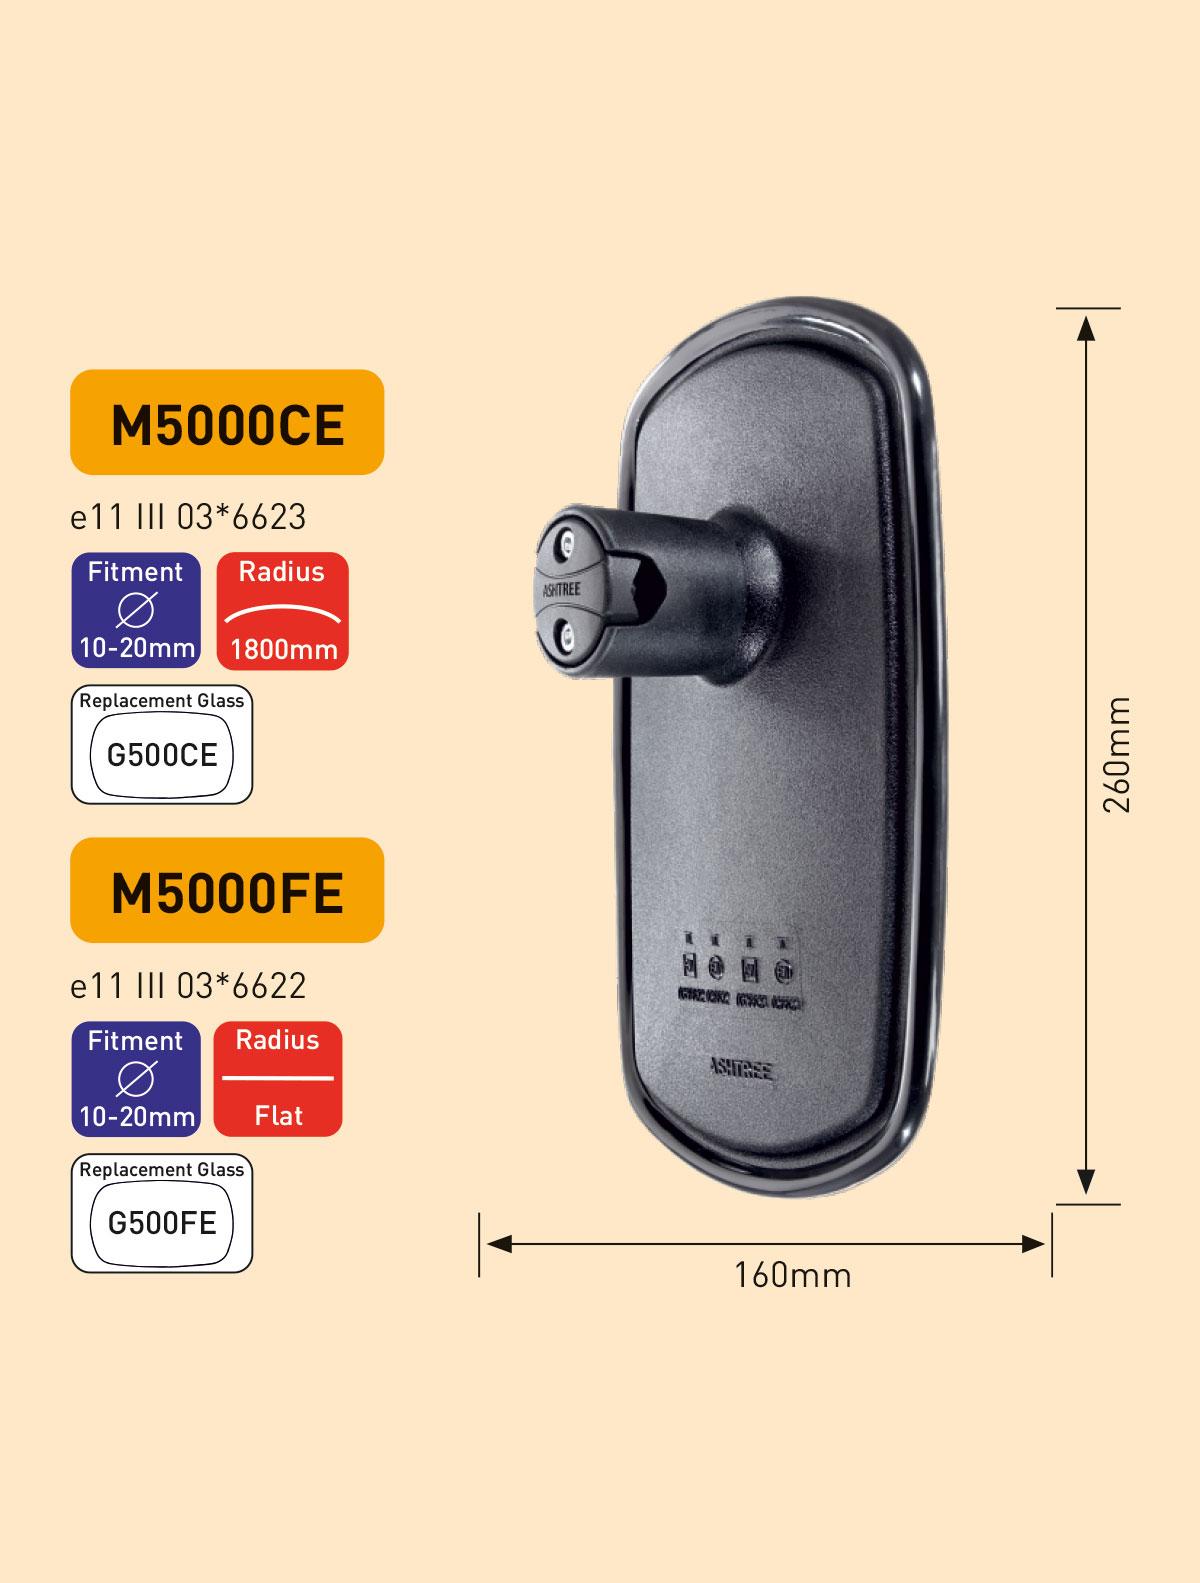 M5000CE M5000FE